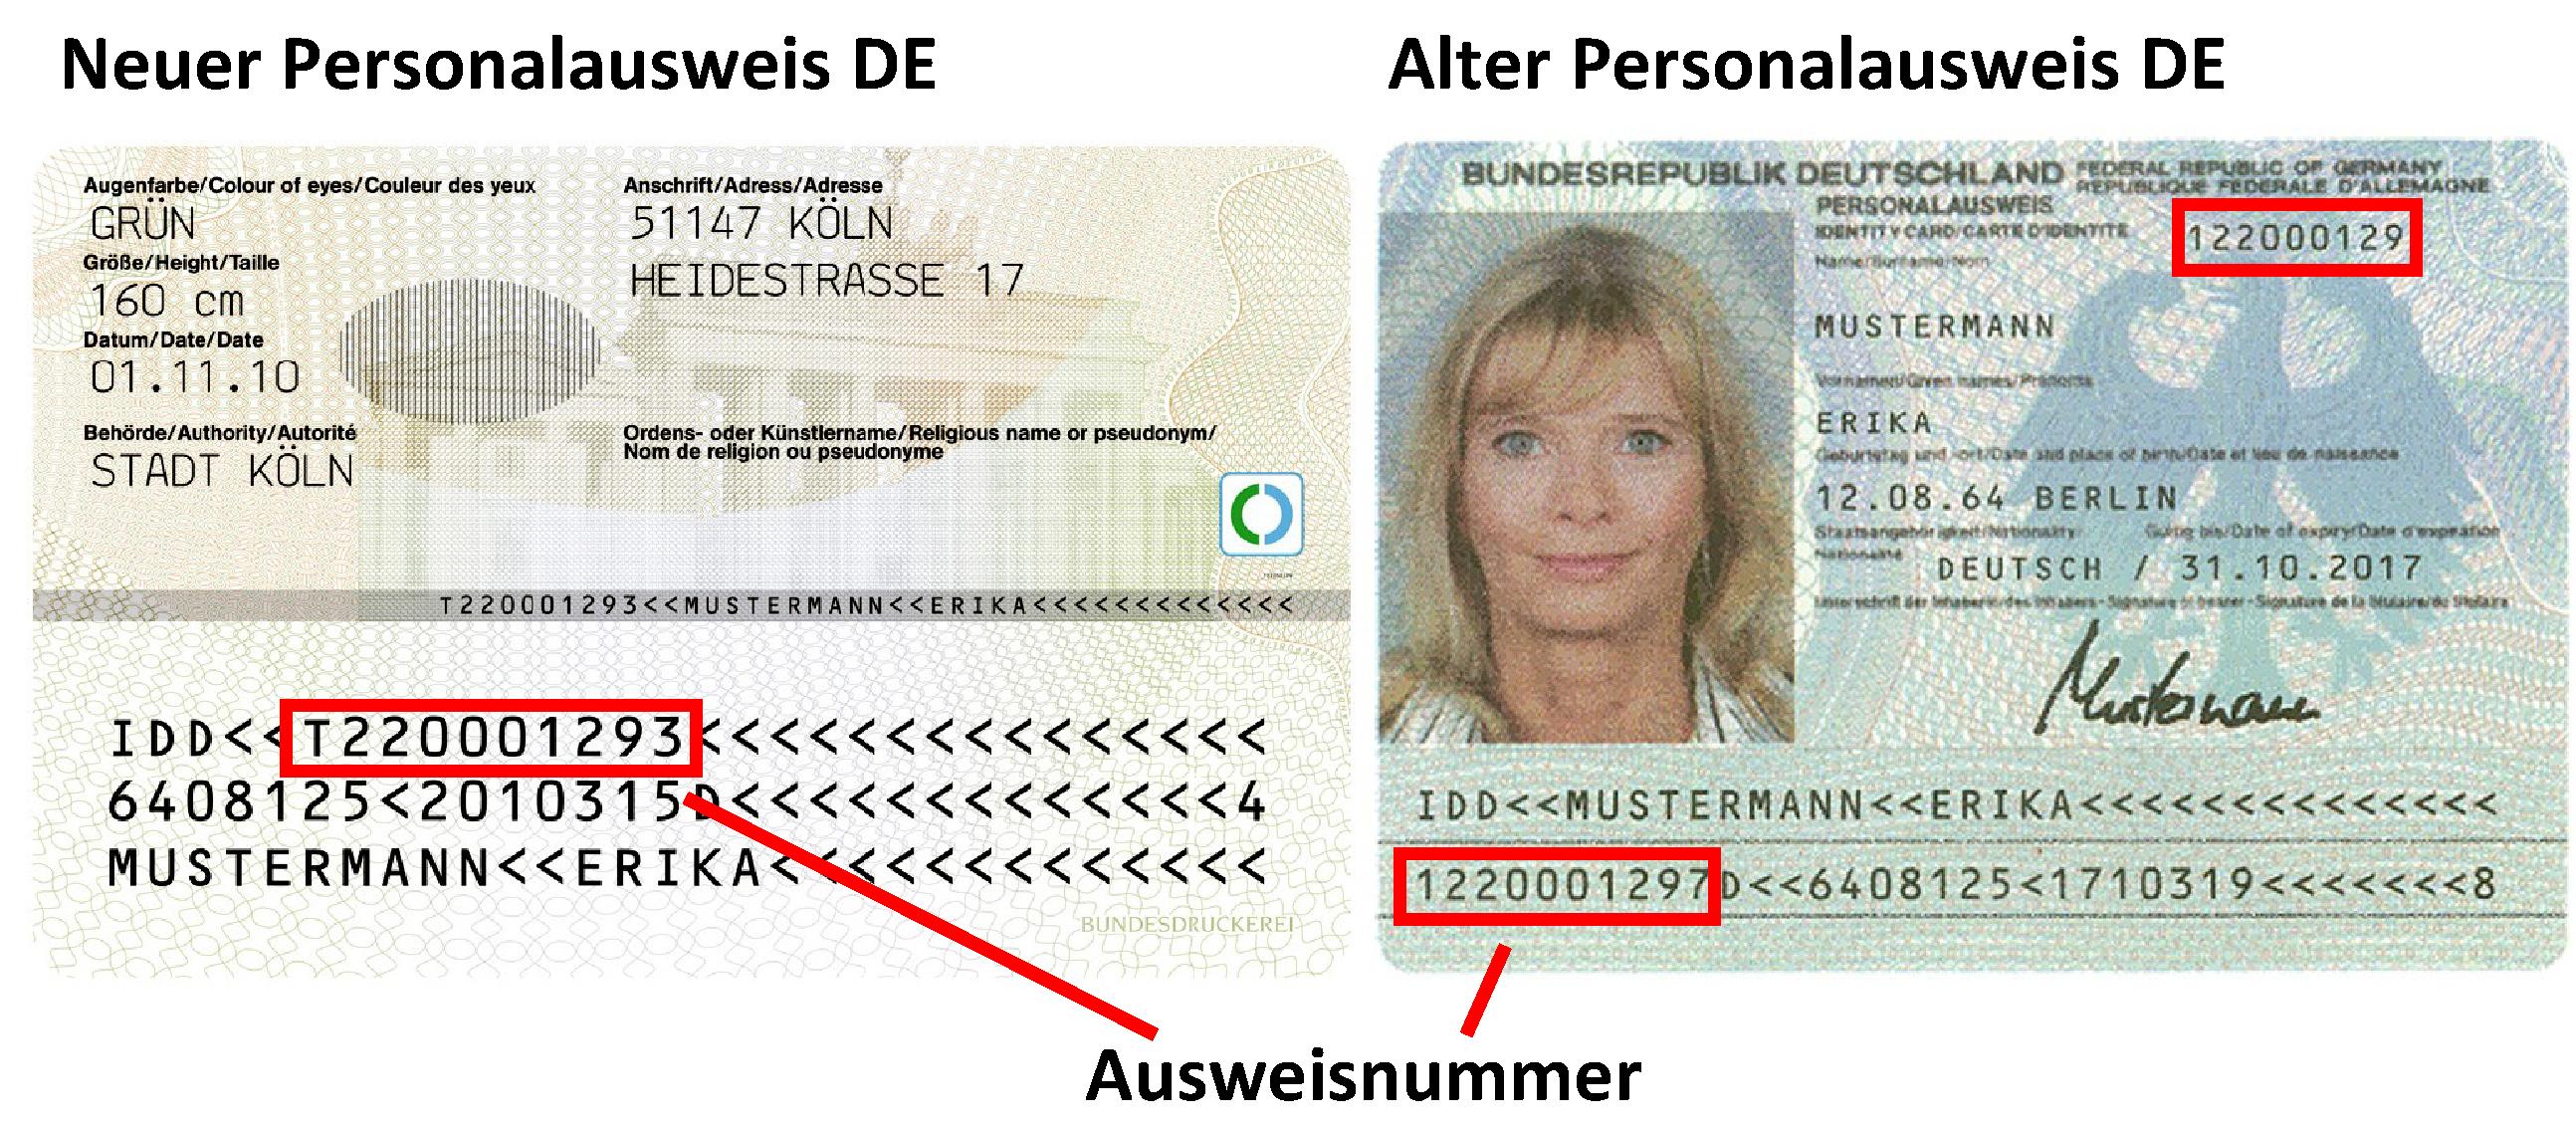 Maschinenlesbare Bereiche auf dem neuen und alten Personalausweis